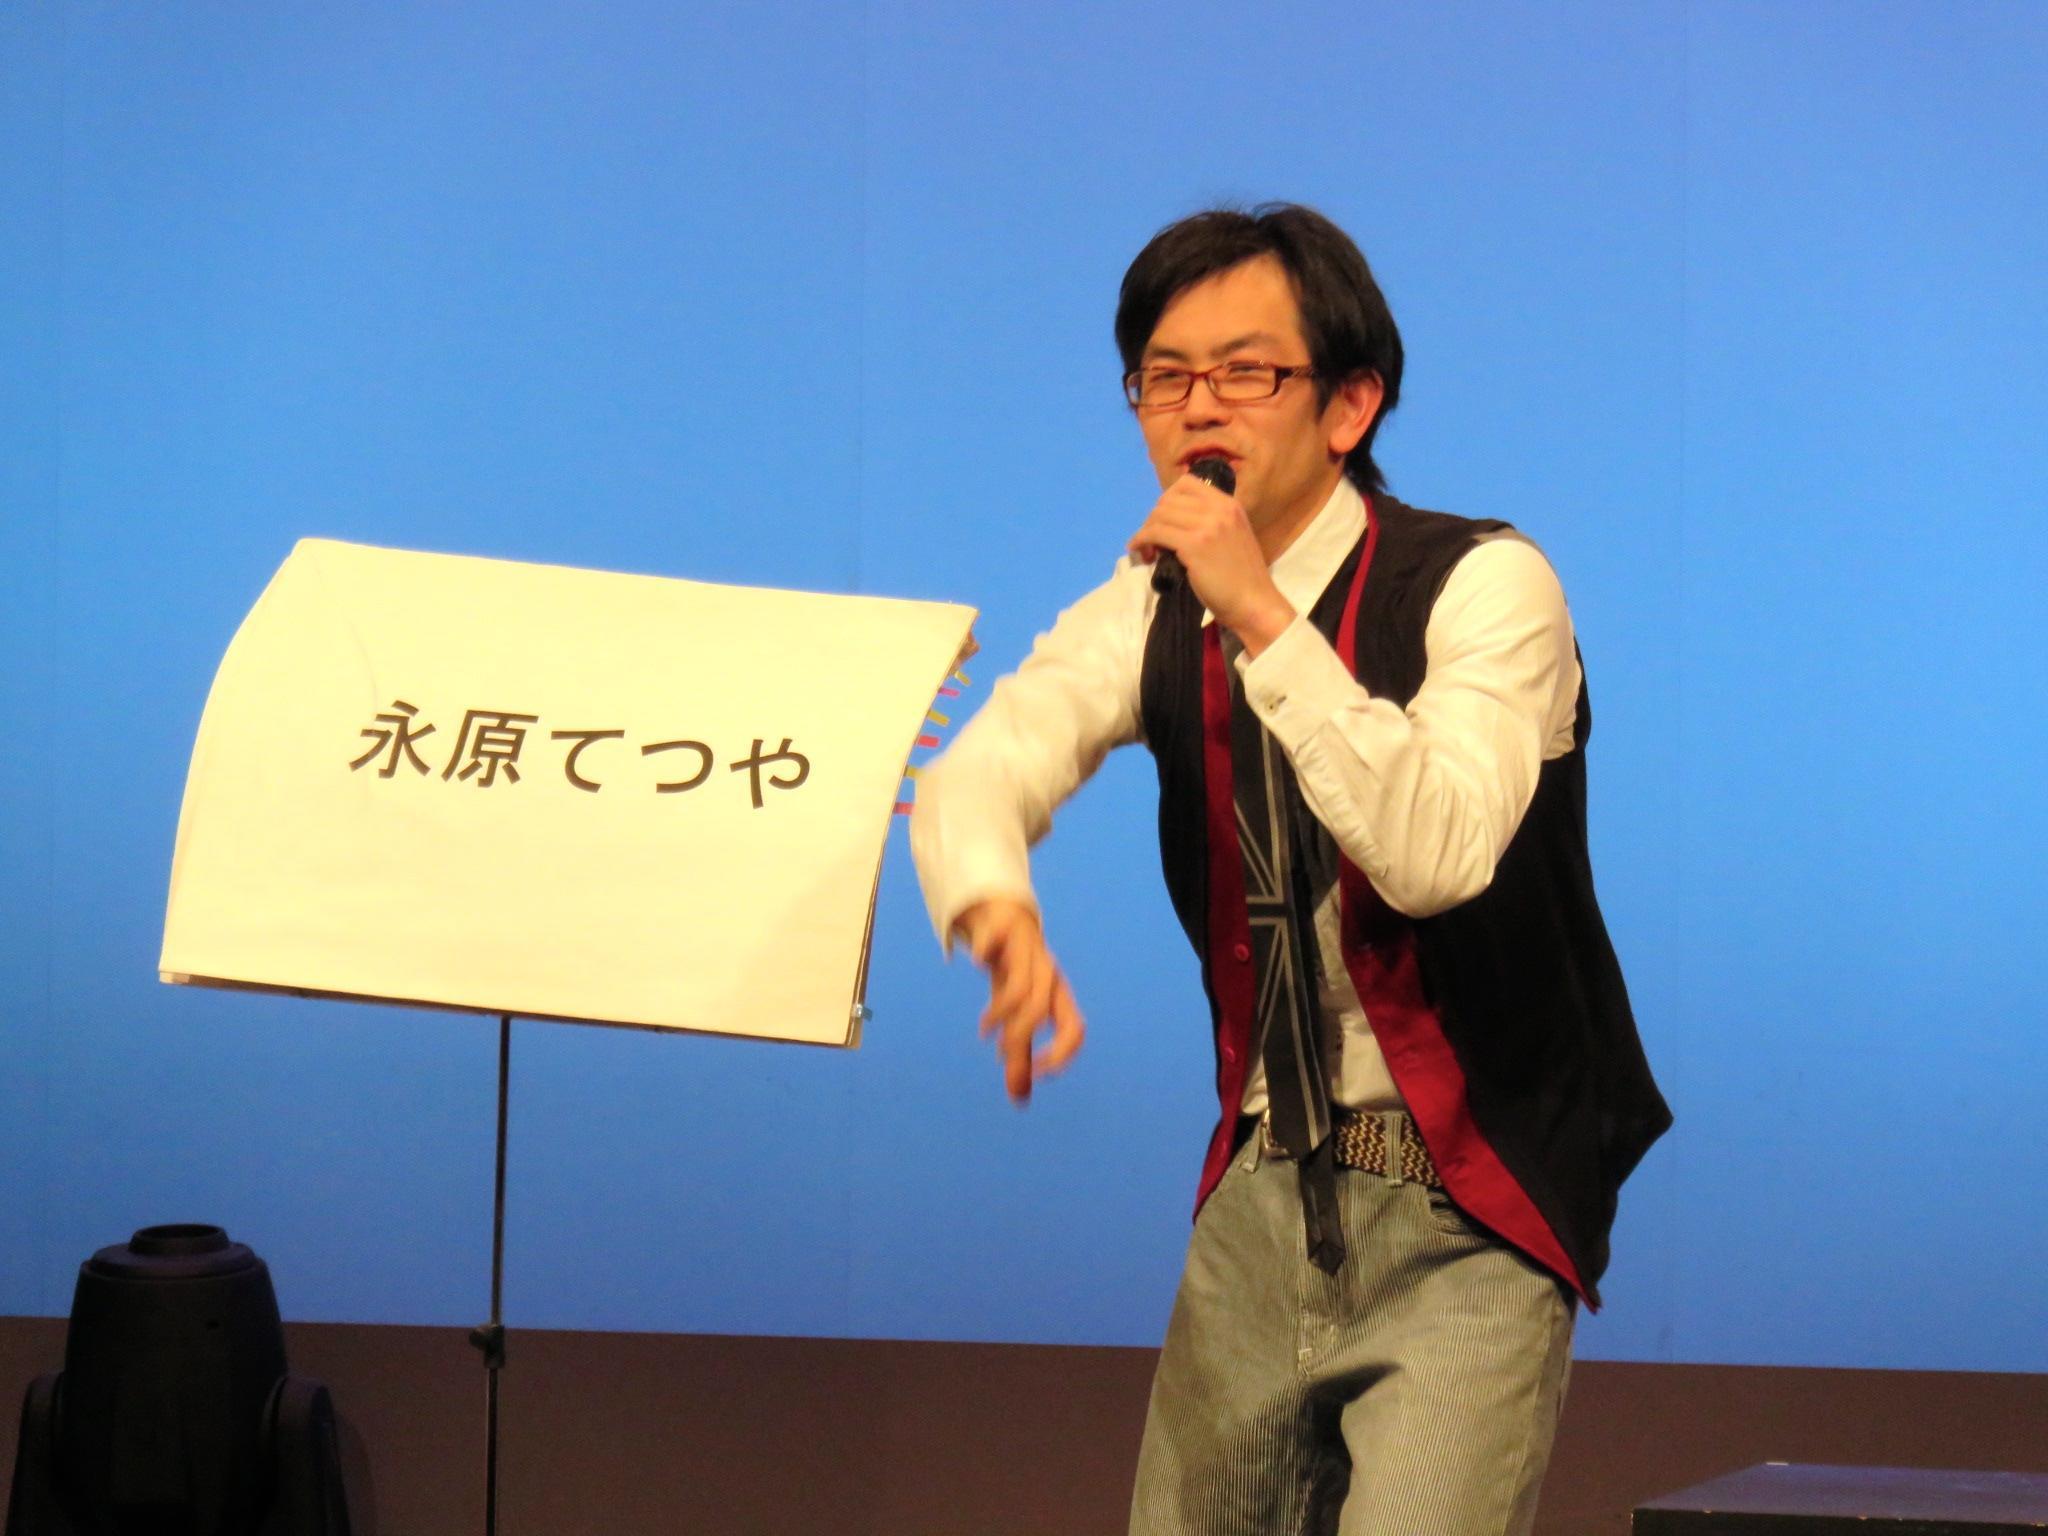 http://news.yoshimoto.co.jp/20170318121557-40889763d18c9c95b28297d0fee32811a0ffbcb2.jpg